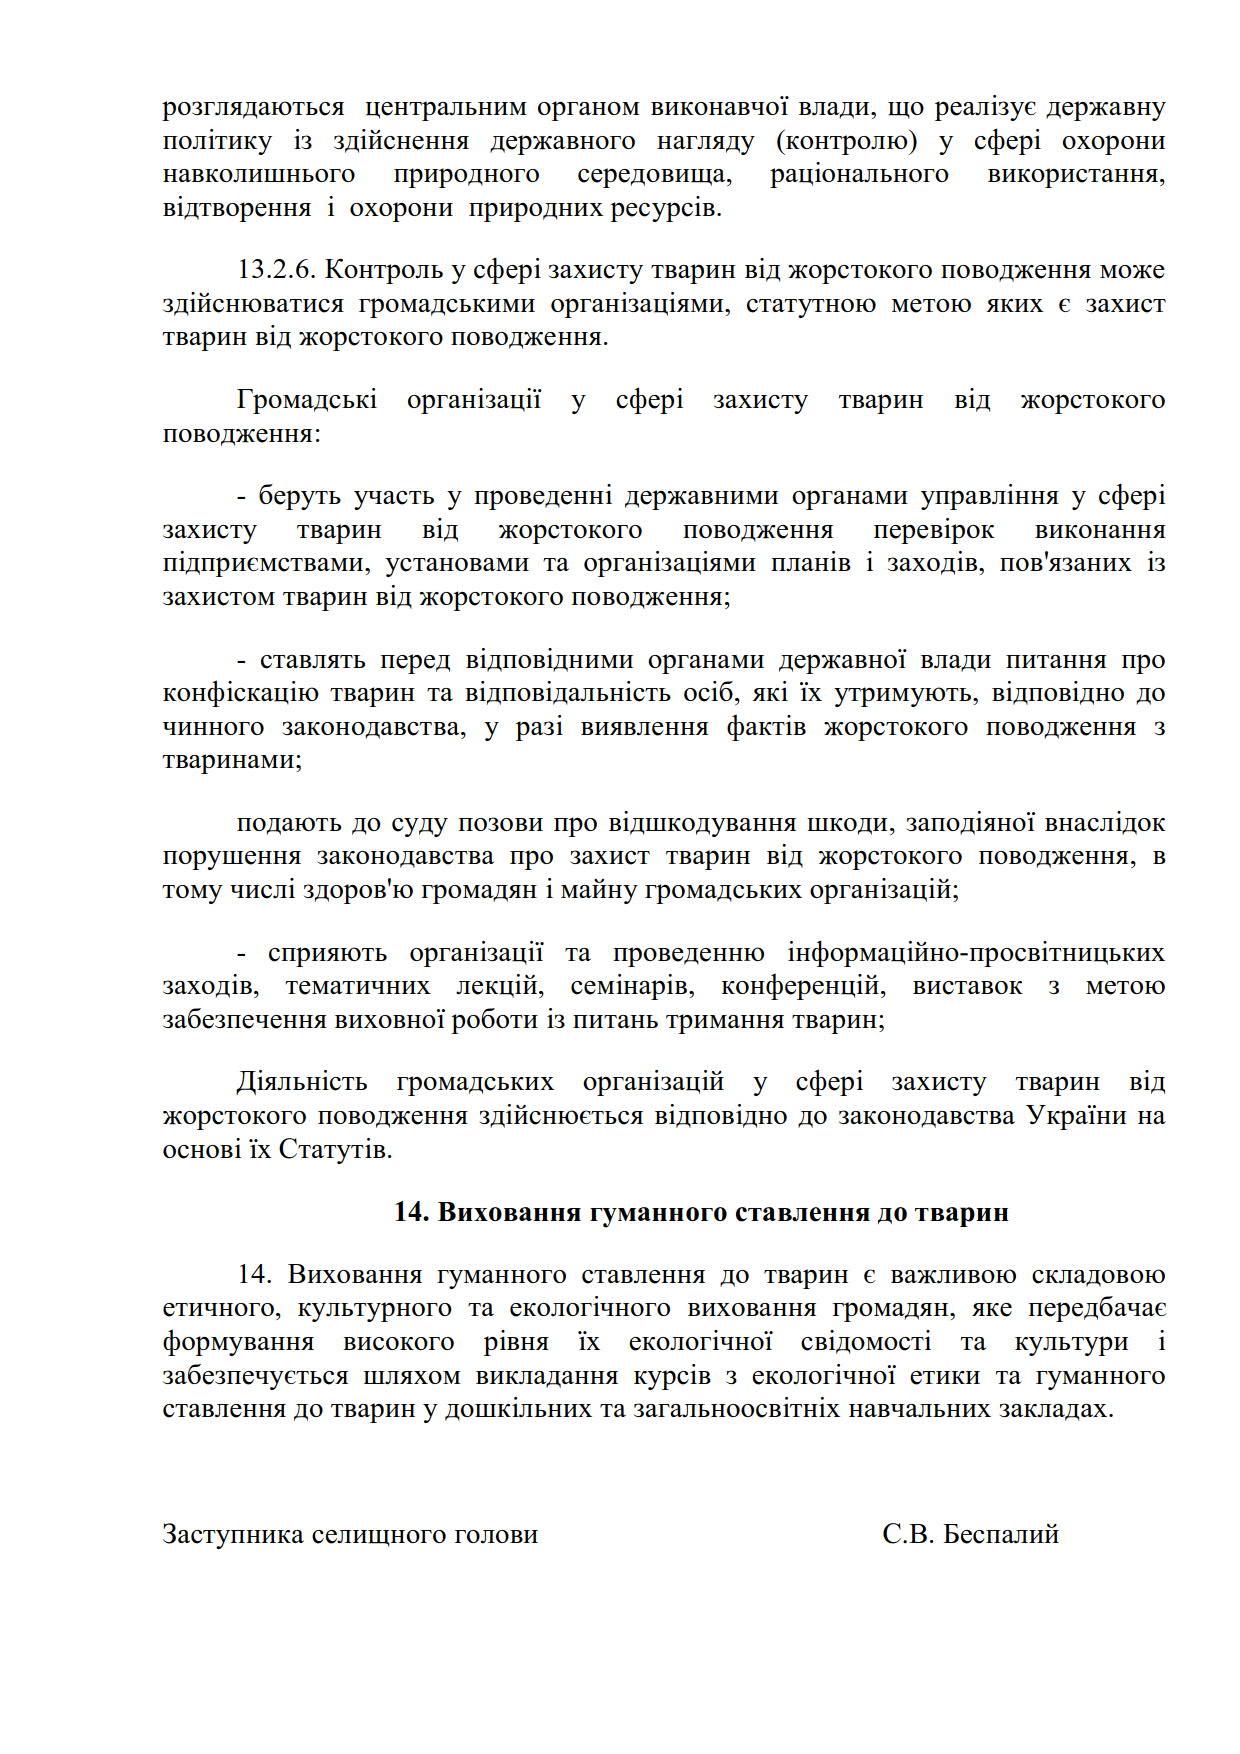 Правила утримання домашніх тварин коломак нов_17